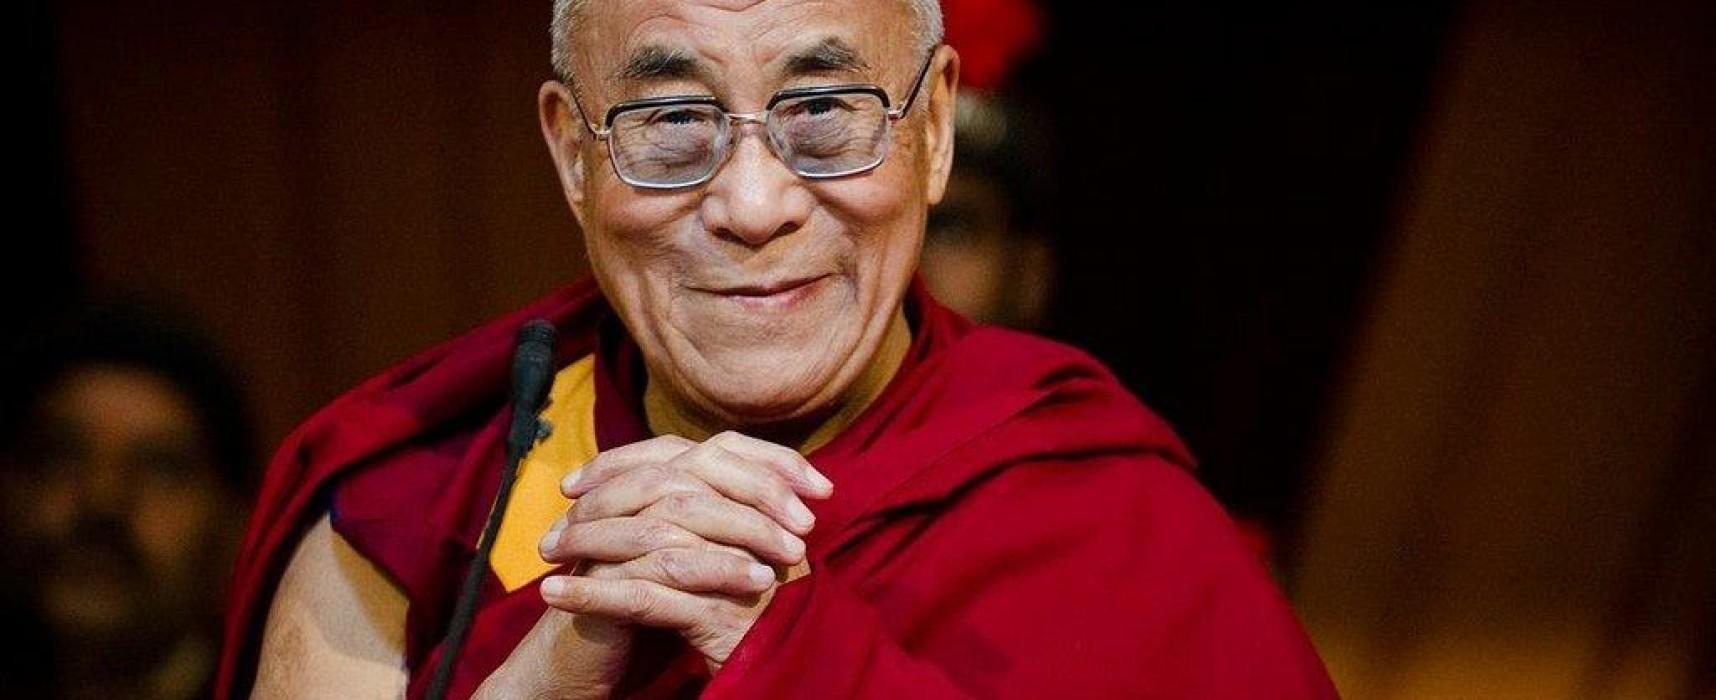 """Uscito il Bando 2018 """"Firenze per le culture di pace"""" Premio letterario dedicato al Dalai Lama"""